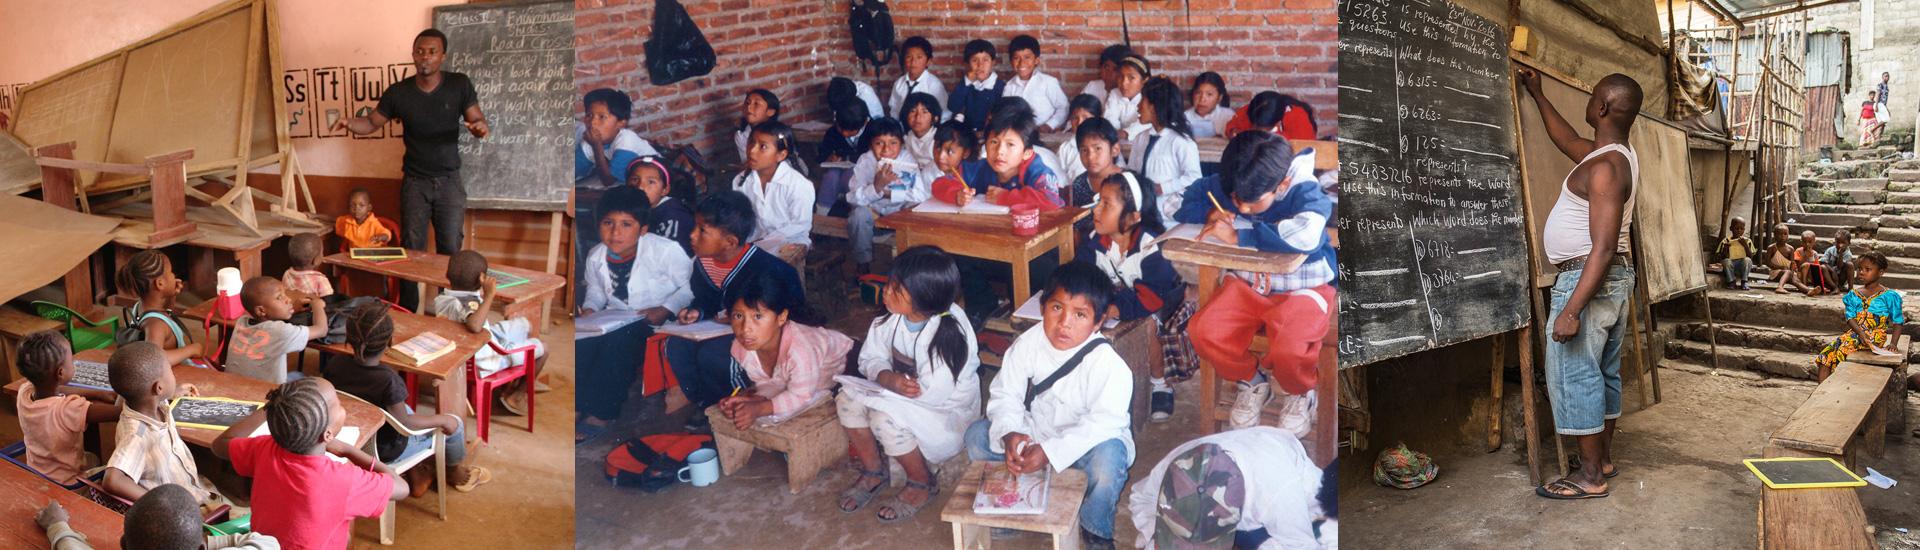 La educación integral, la mejor respuesta para combatir la pobreza